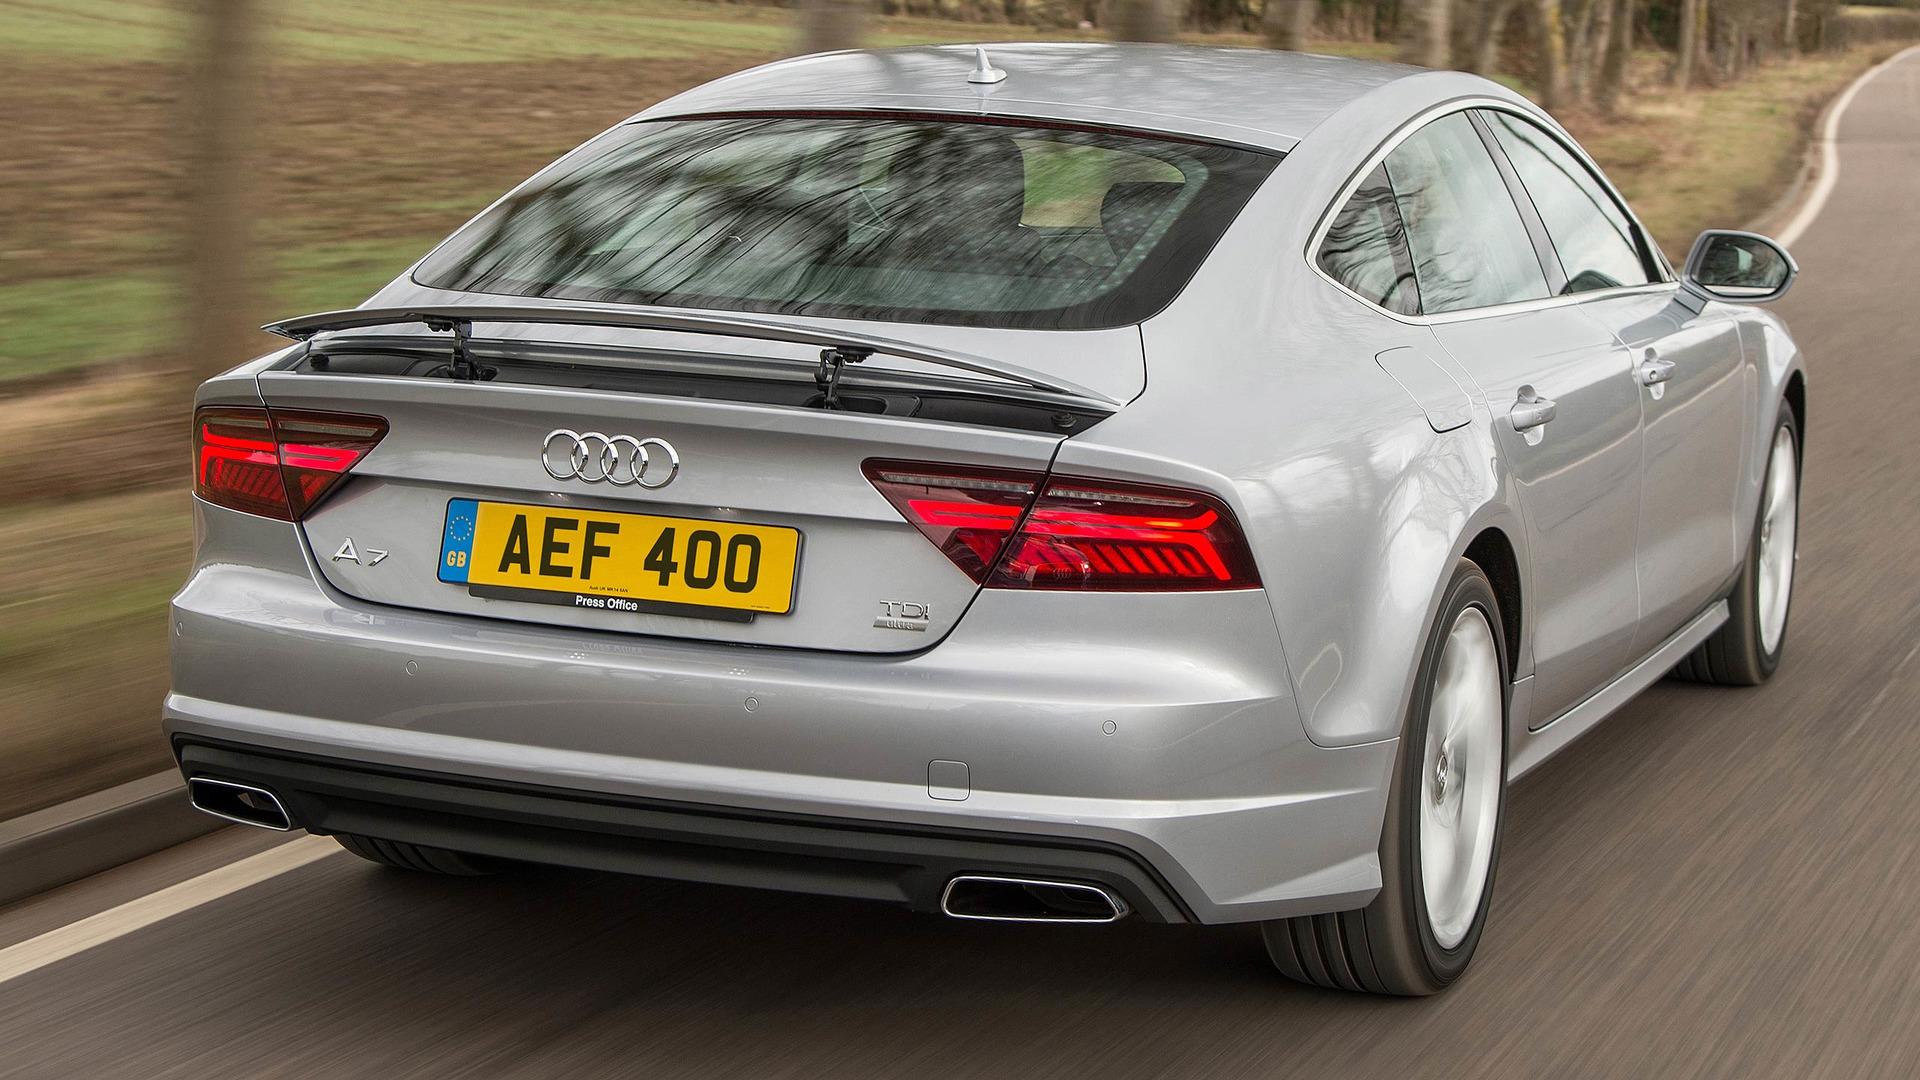 Kelebihan Audi A7 2017 Top Model Tahun Ini